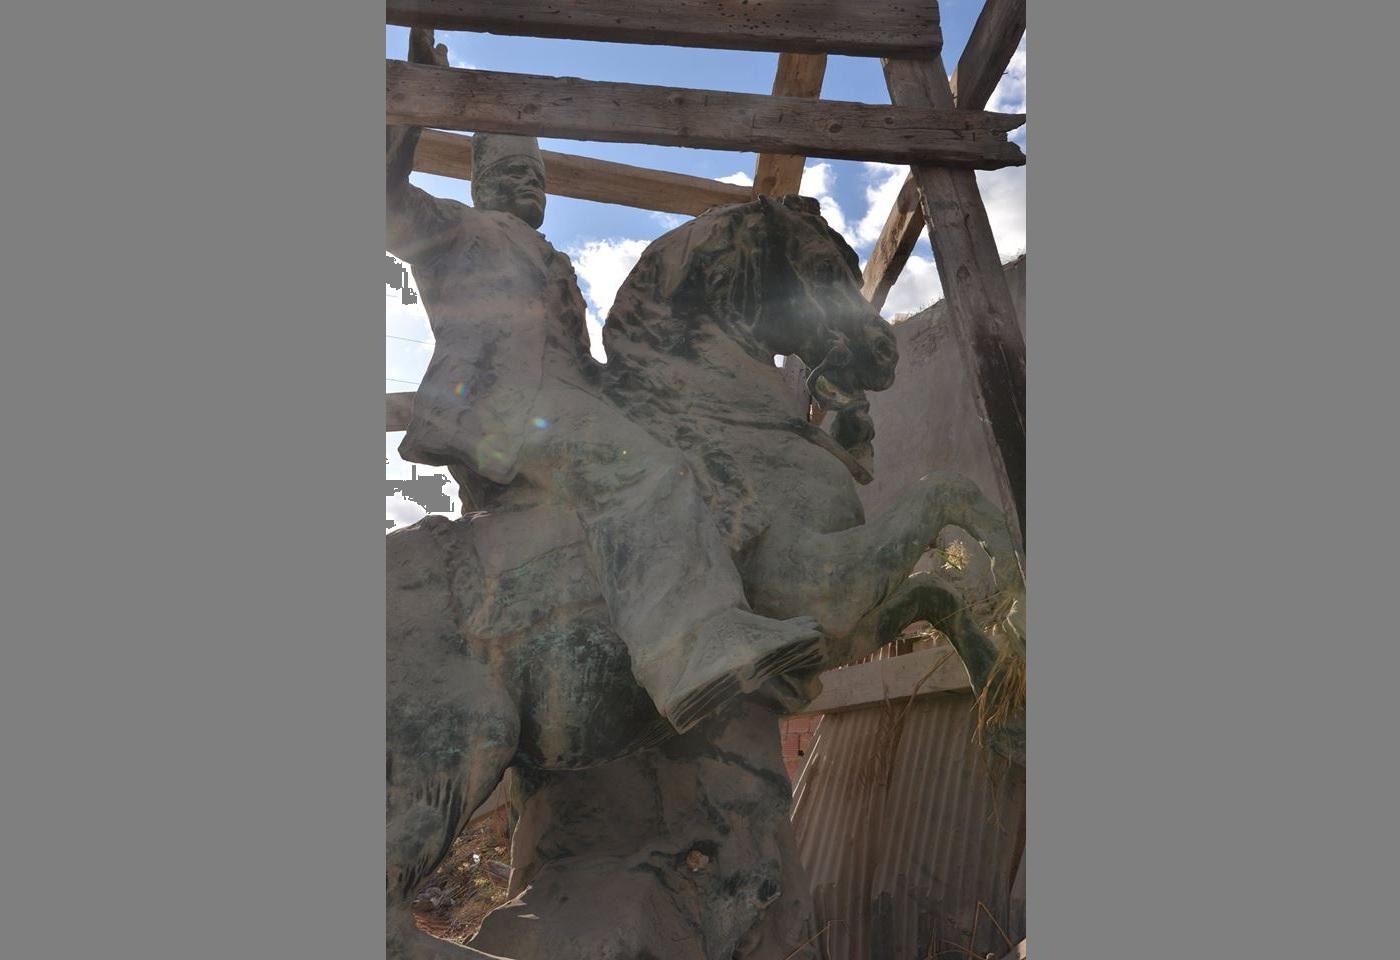 بخصوص تنصيب تمثال الحبيب بورقيبة في ساحة باب الجبلي : بلدية صفاقس توضح